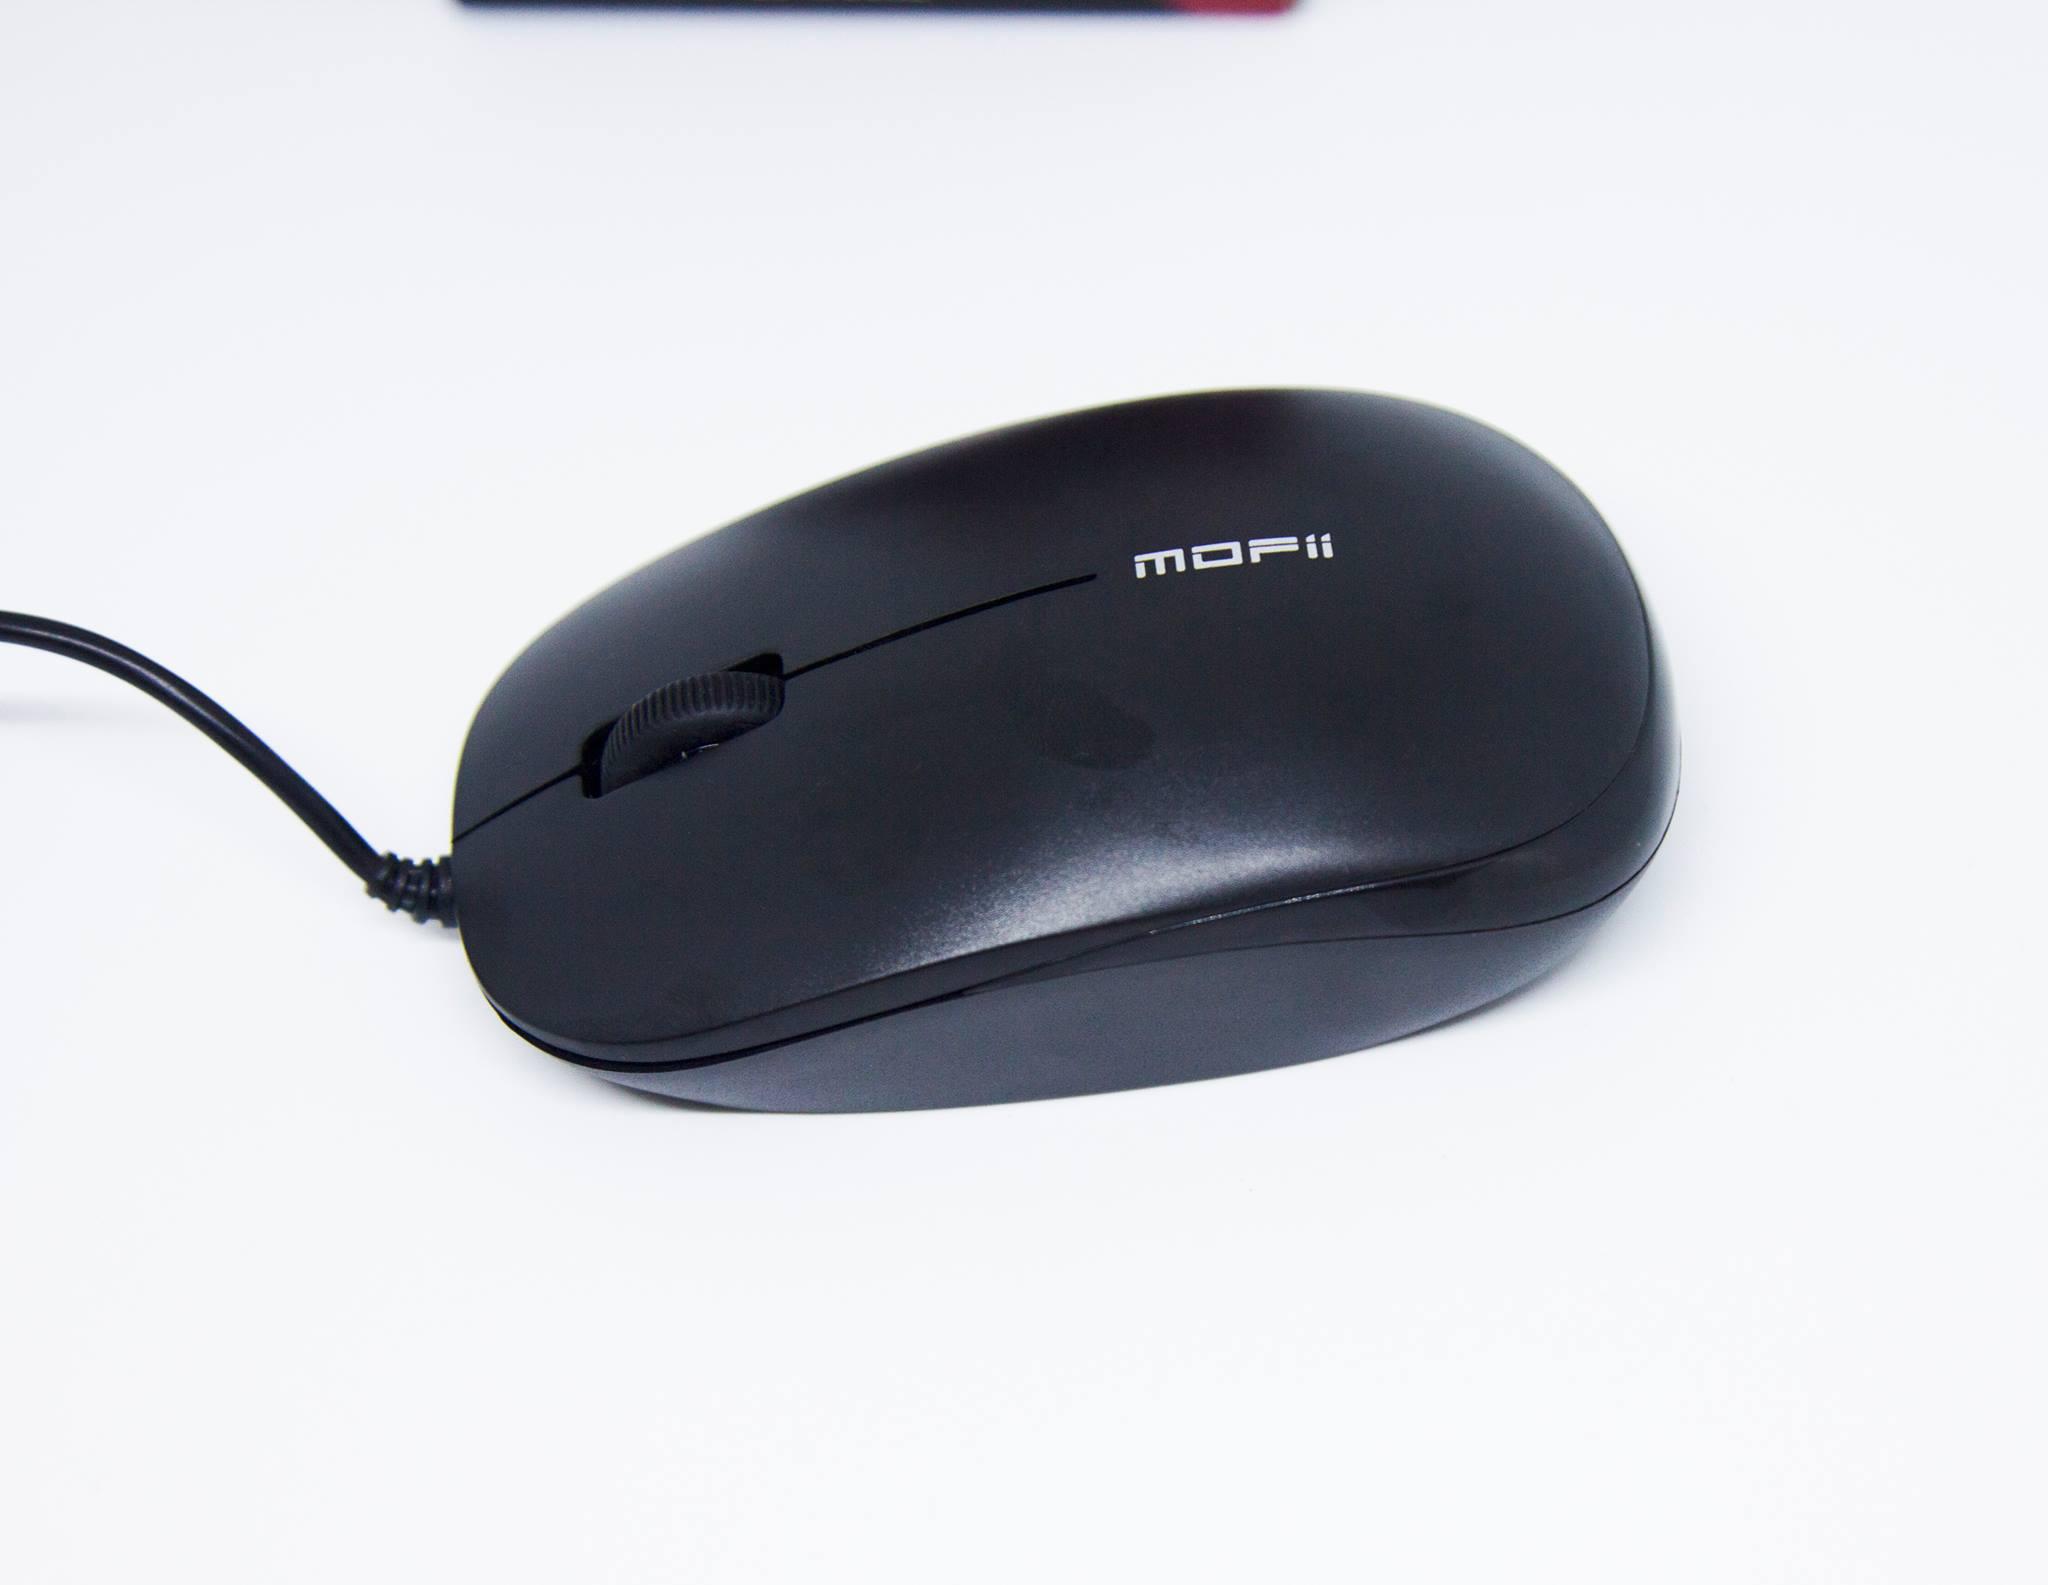 Chuột có dây văn phòng Mofii L38S - Hàng chính hãng